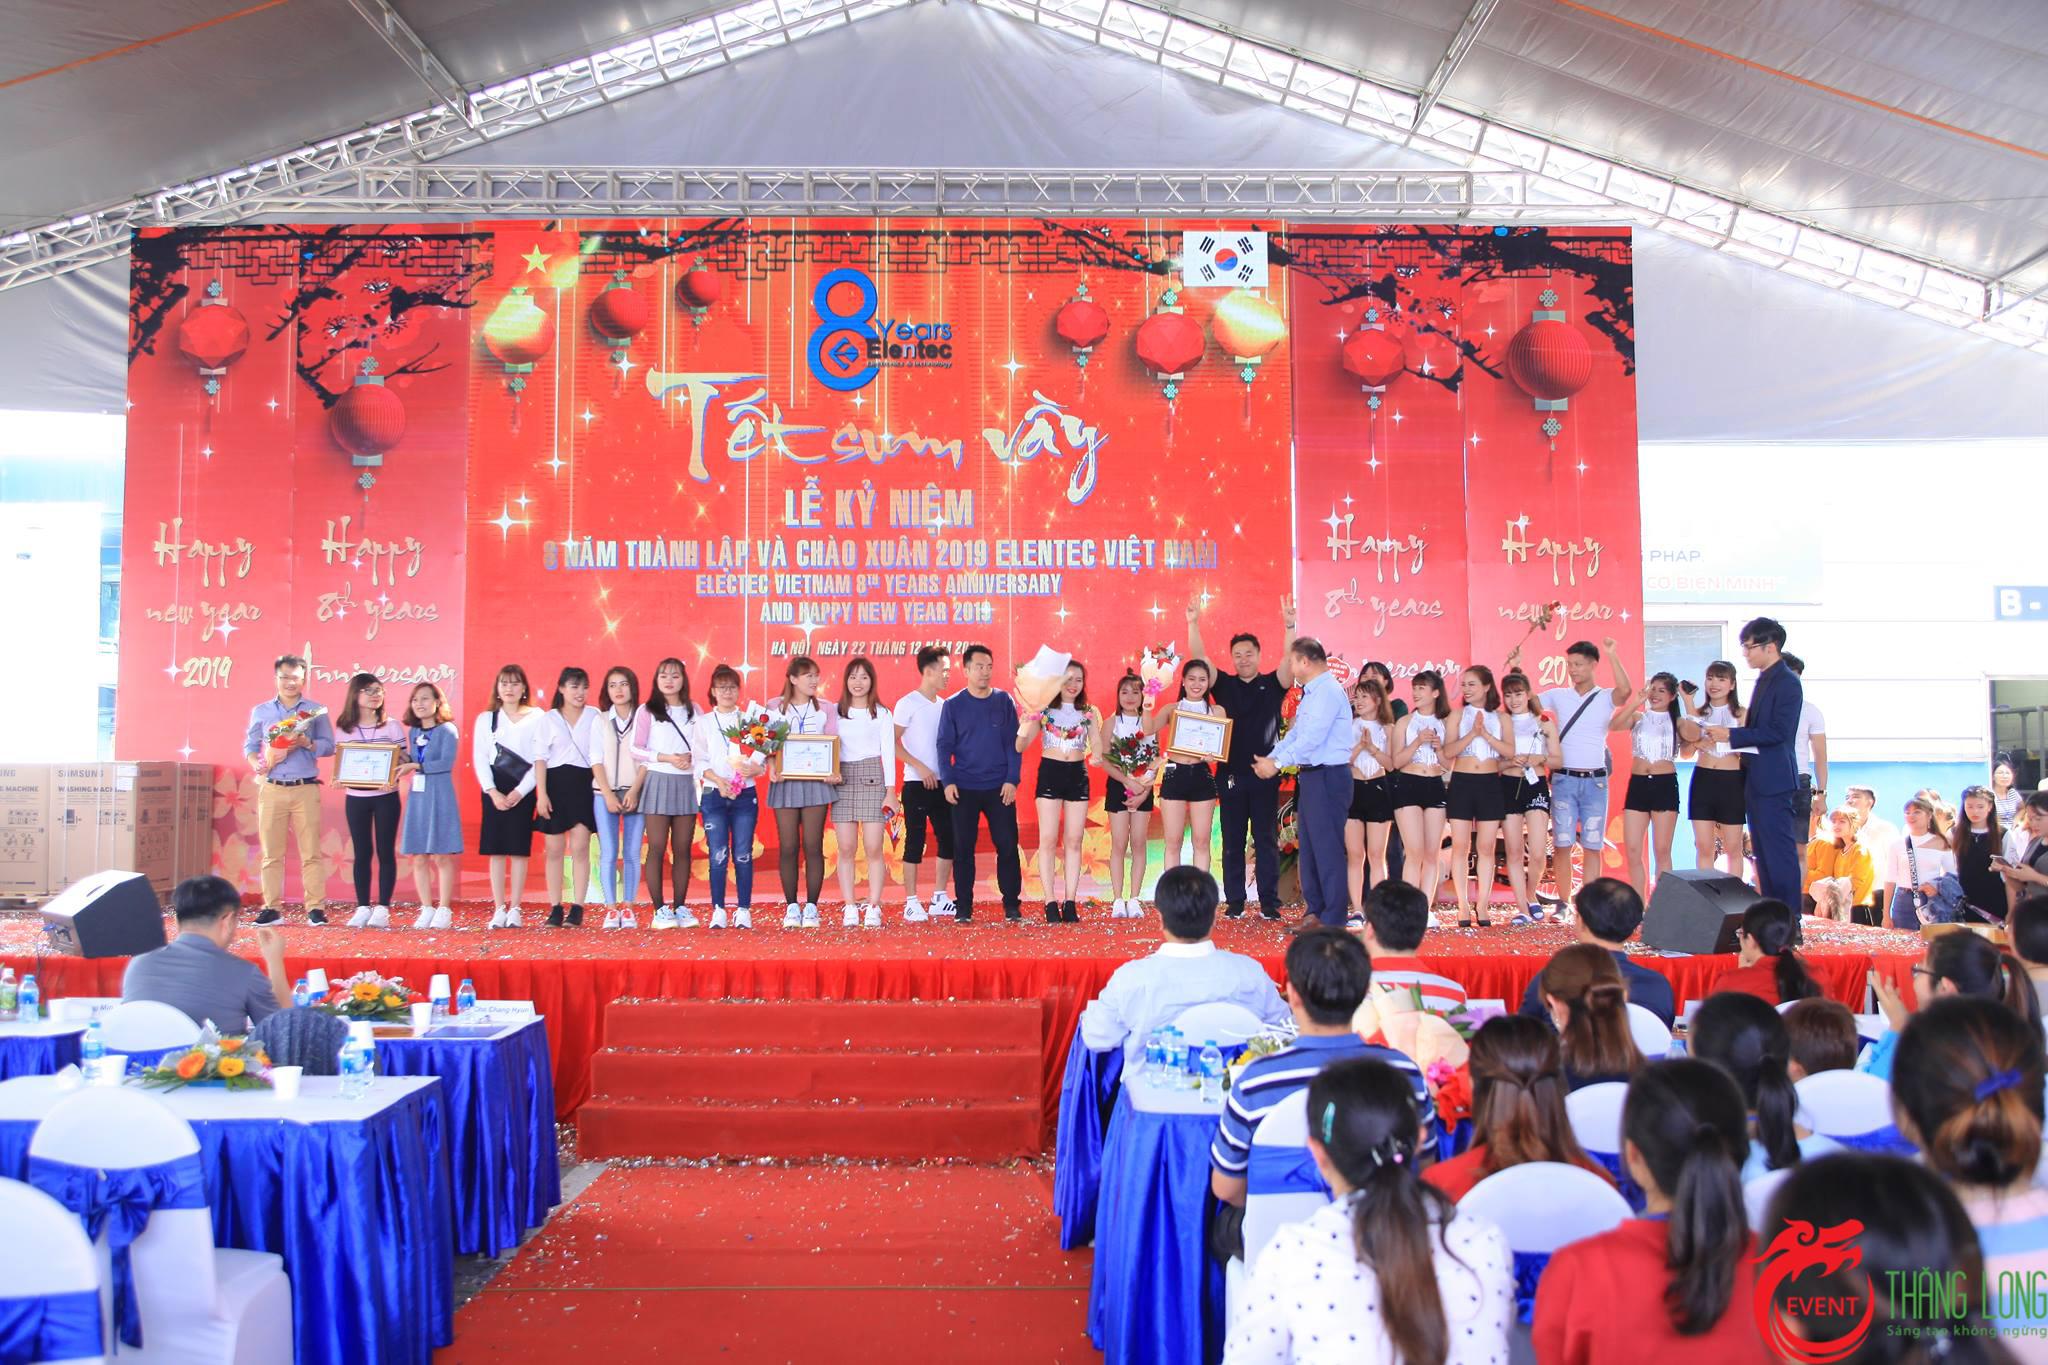 elentec-viet-nam-le-ky-niem-8-nam-thanh-lap-va-chao-xuan-2019-5